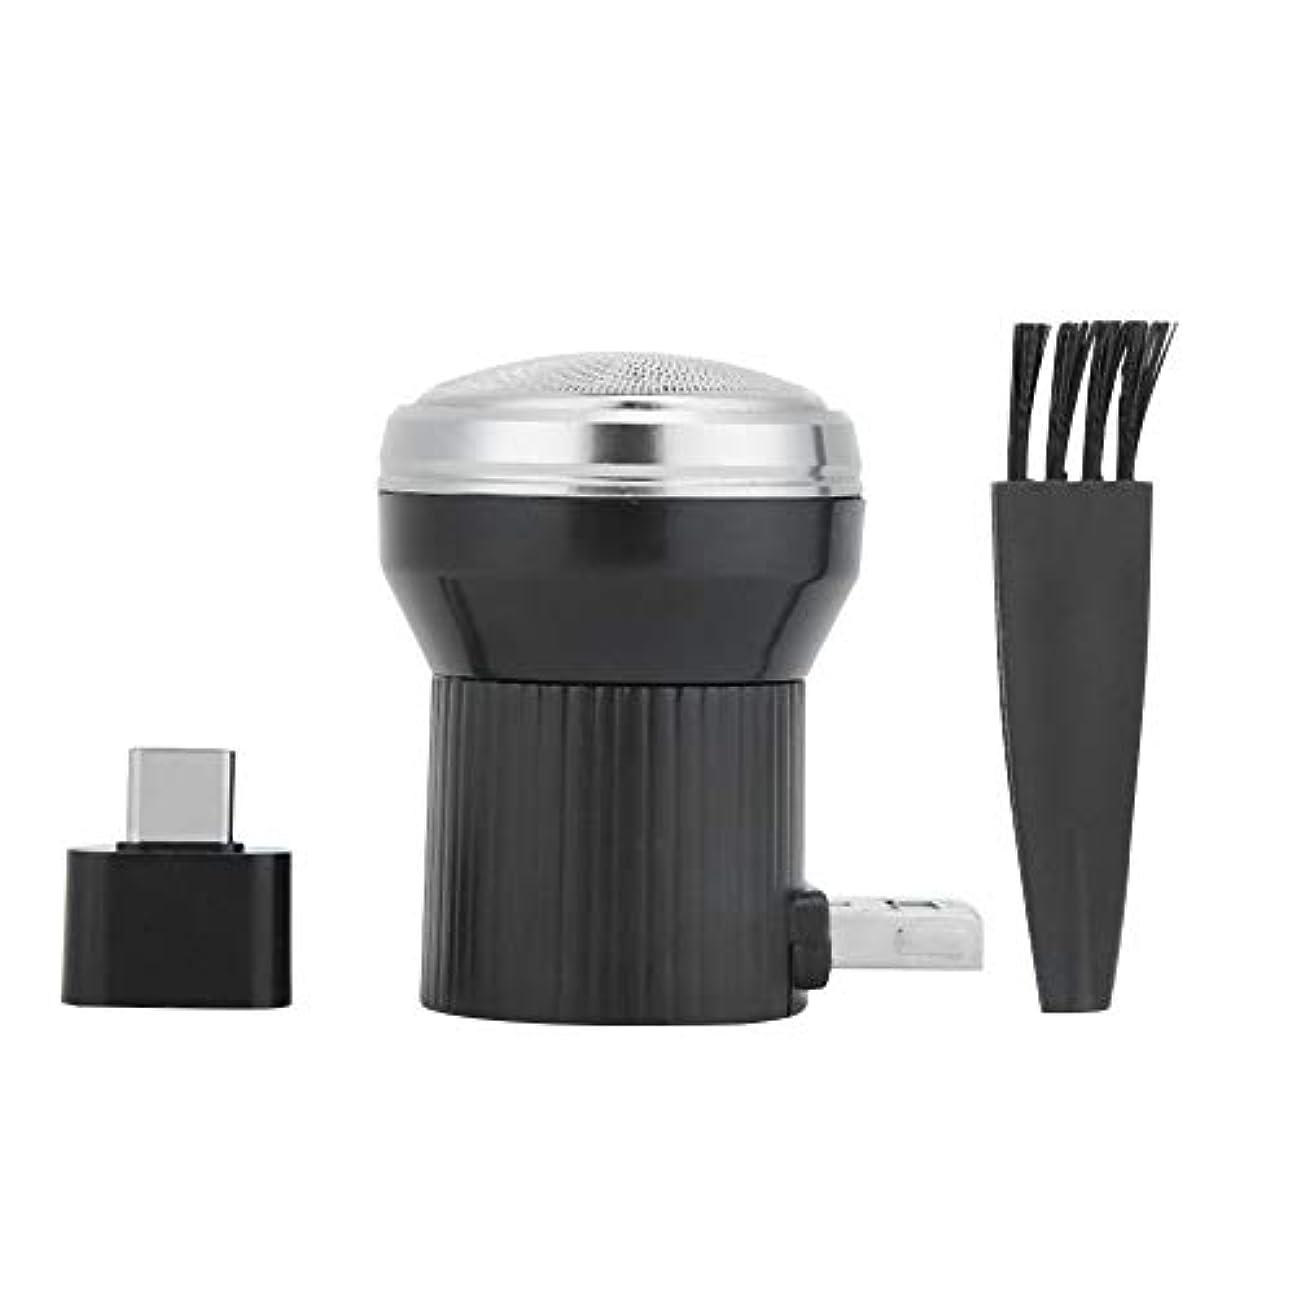 リーフレット冷蔵庫パン屋DC5V 4.5W メンズシェーバー 髭剃り 回転式 USBシェーバー 携帯電話/USB充電式 持ち運び便利 電気シェーバー USBポート